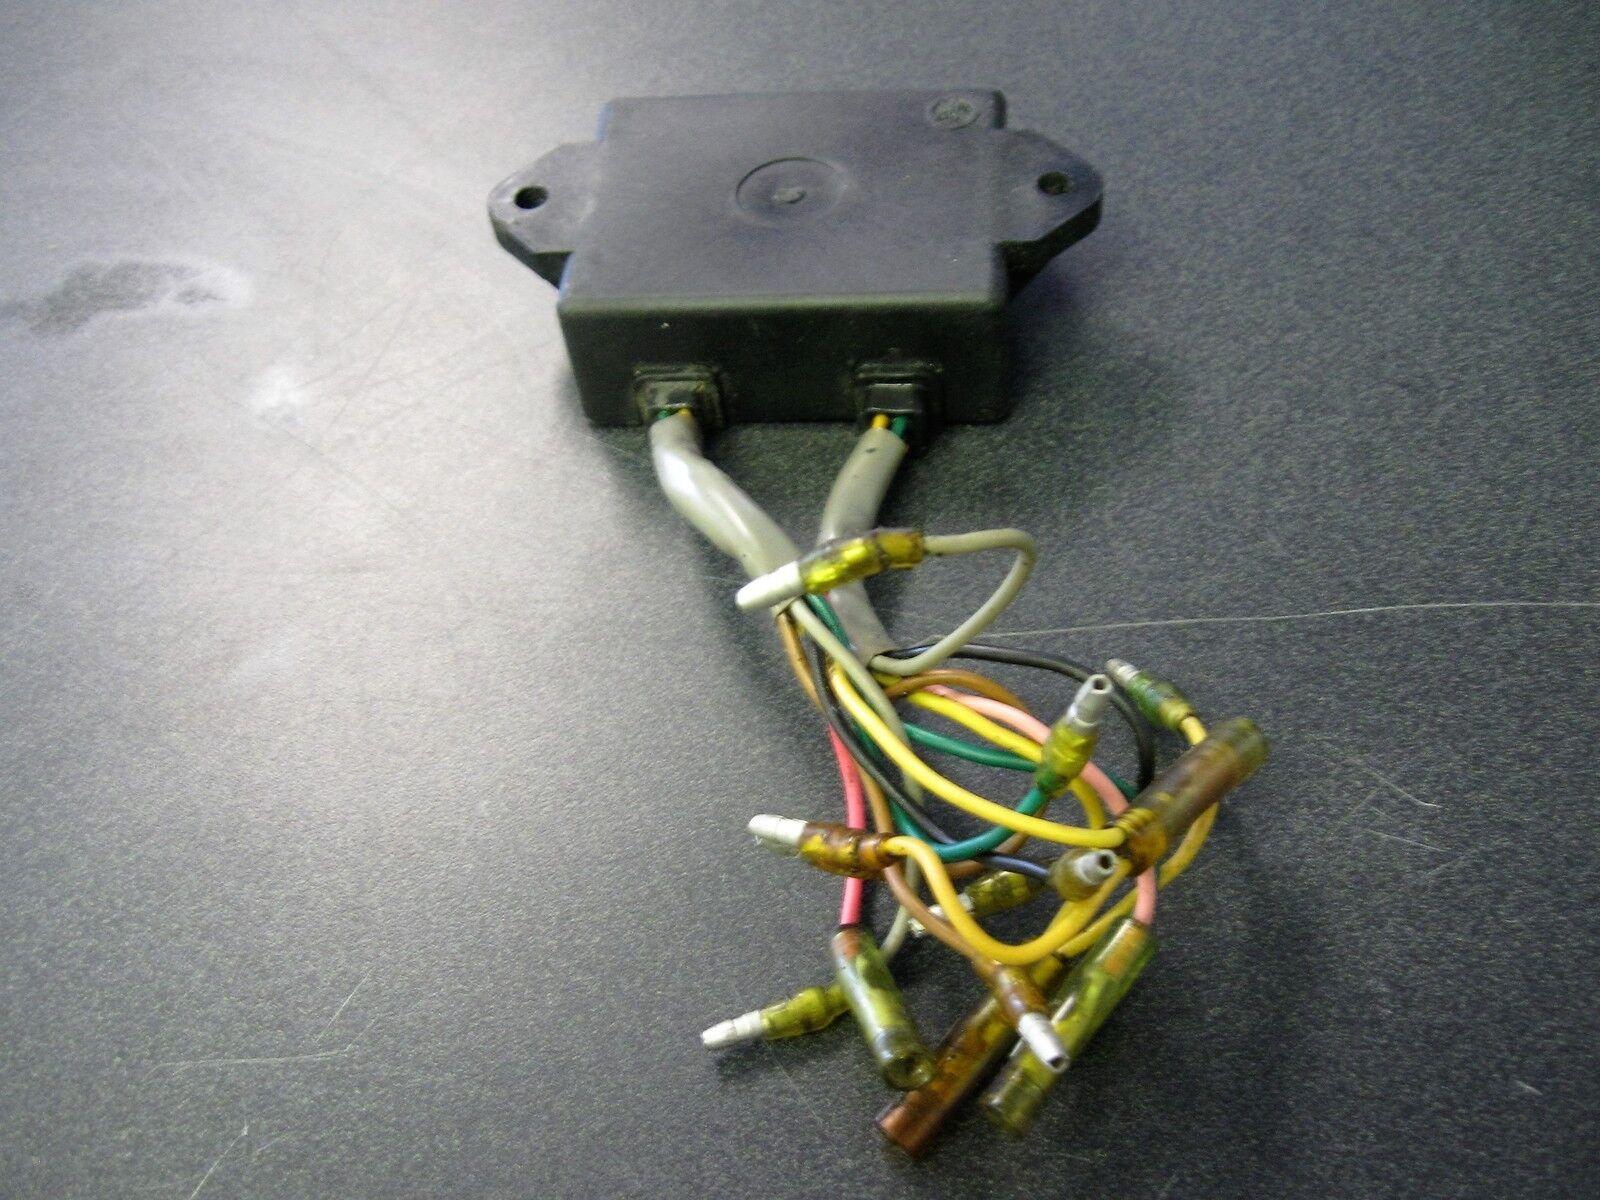 Yamaha Außenborder Doppel 6K1-85830-01-00 Schaltersteuerung Assy 6K1-85830-01-00 Doppel 8c17a2